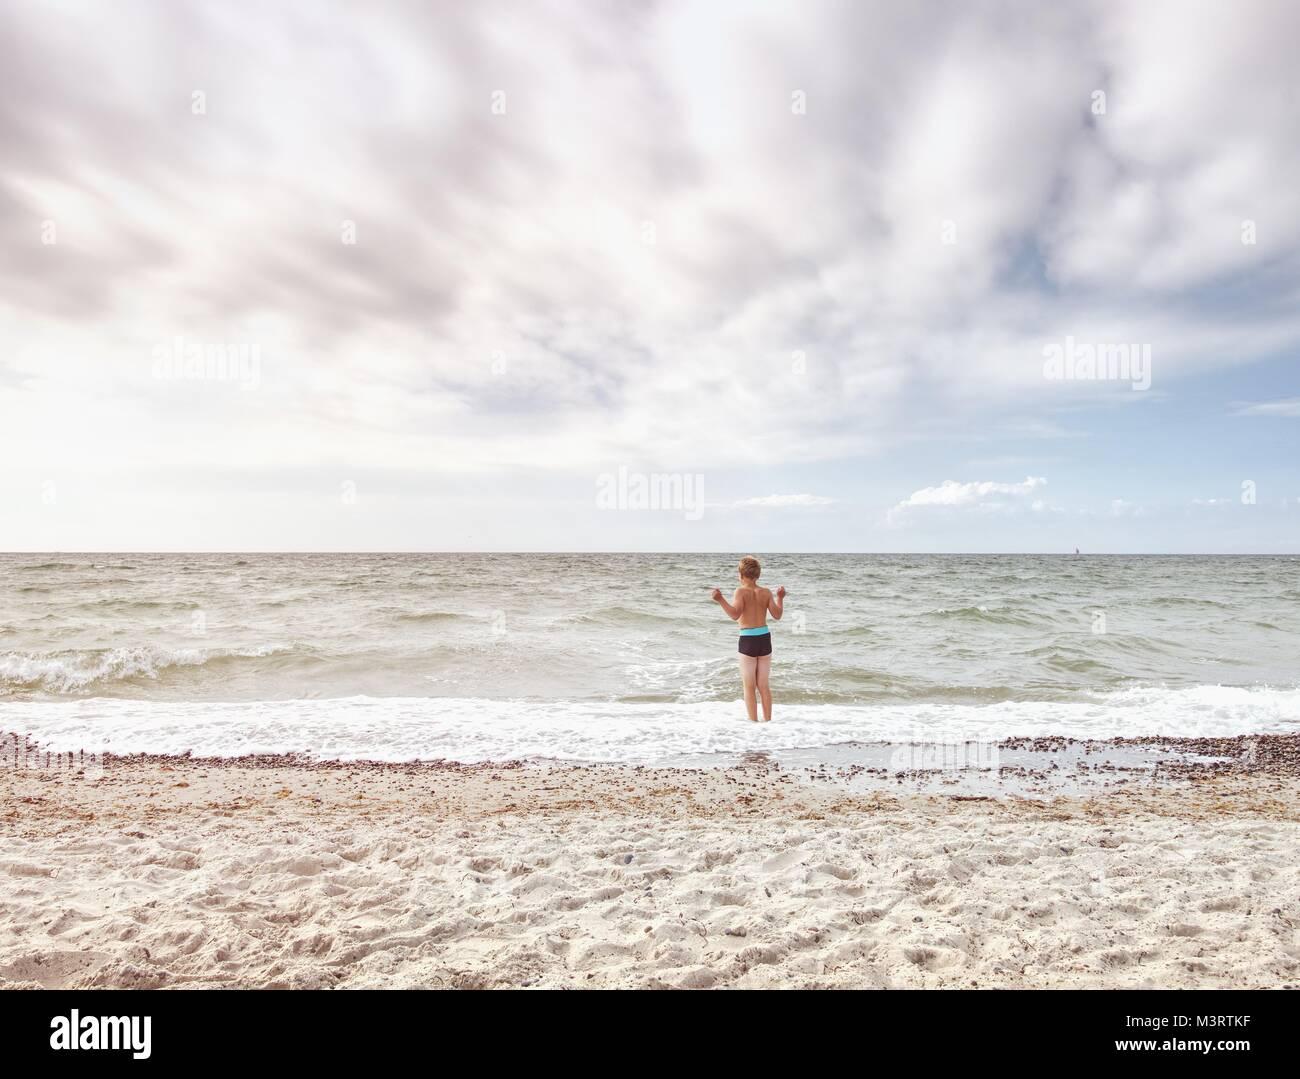 Capelli biondi boy soggiorno a freddo di marea del mare. Kid sulla spiaggia sassosa con onde schiumoso. Giornata Immagini Stock